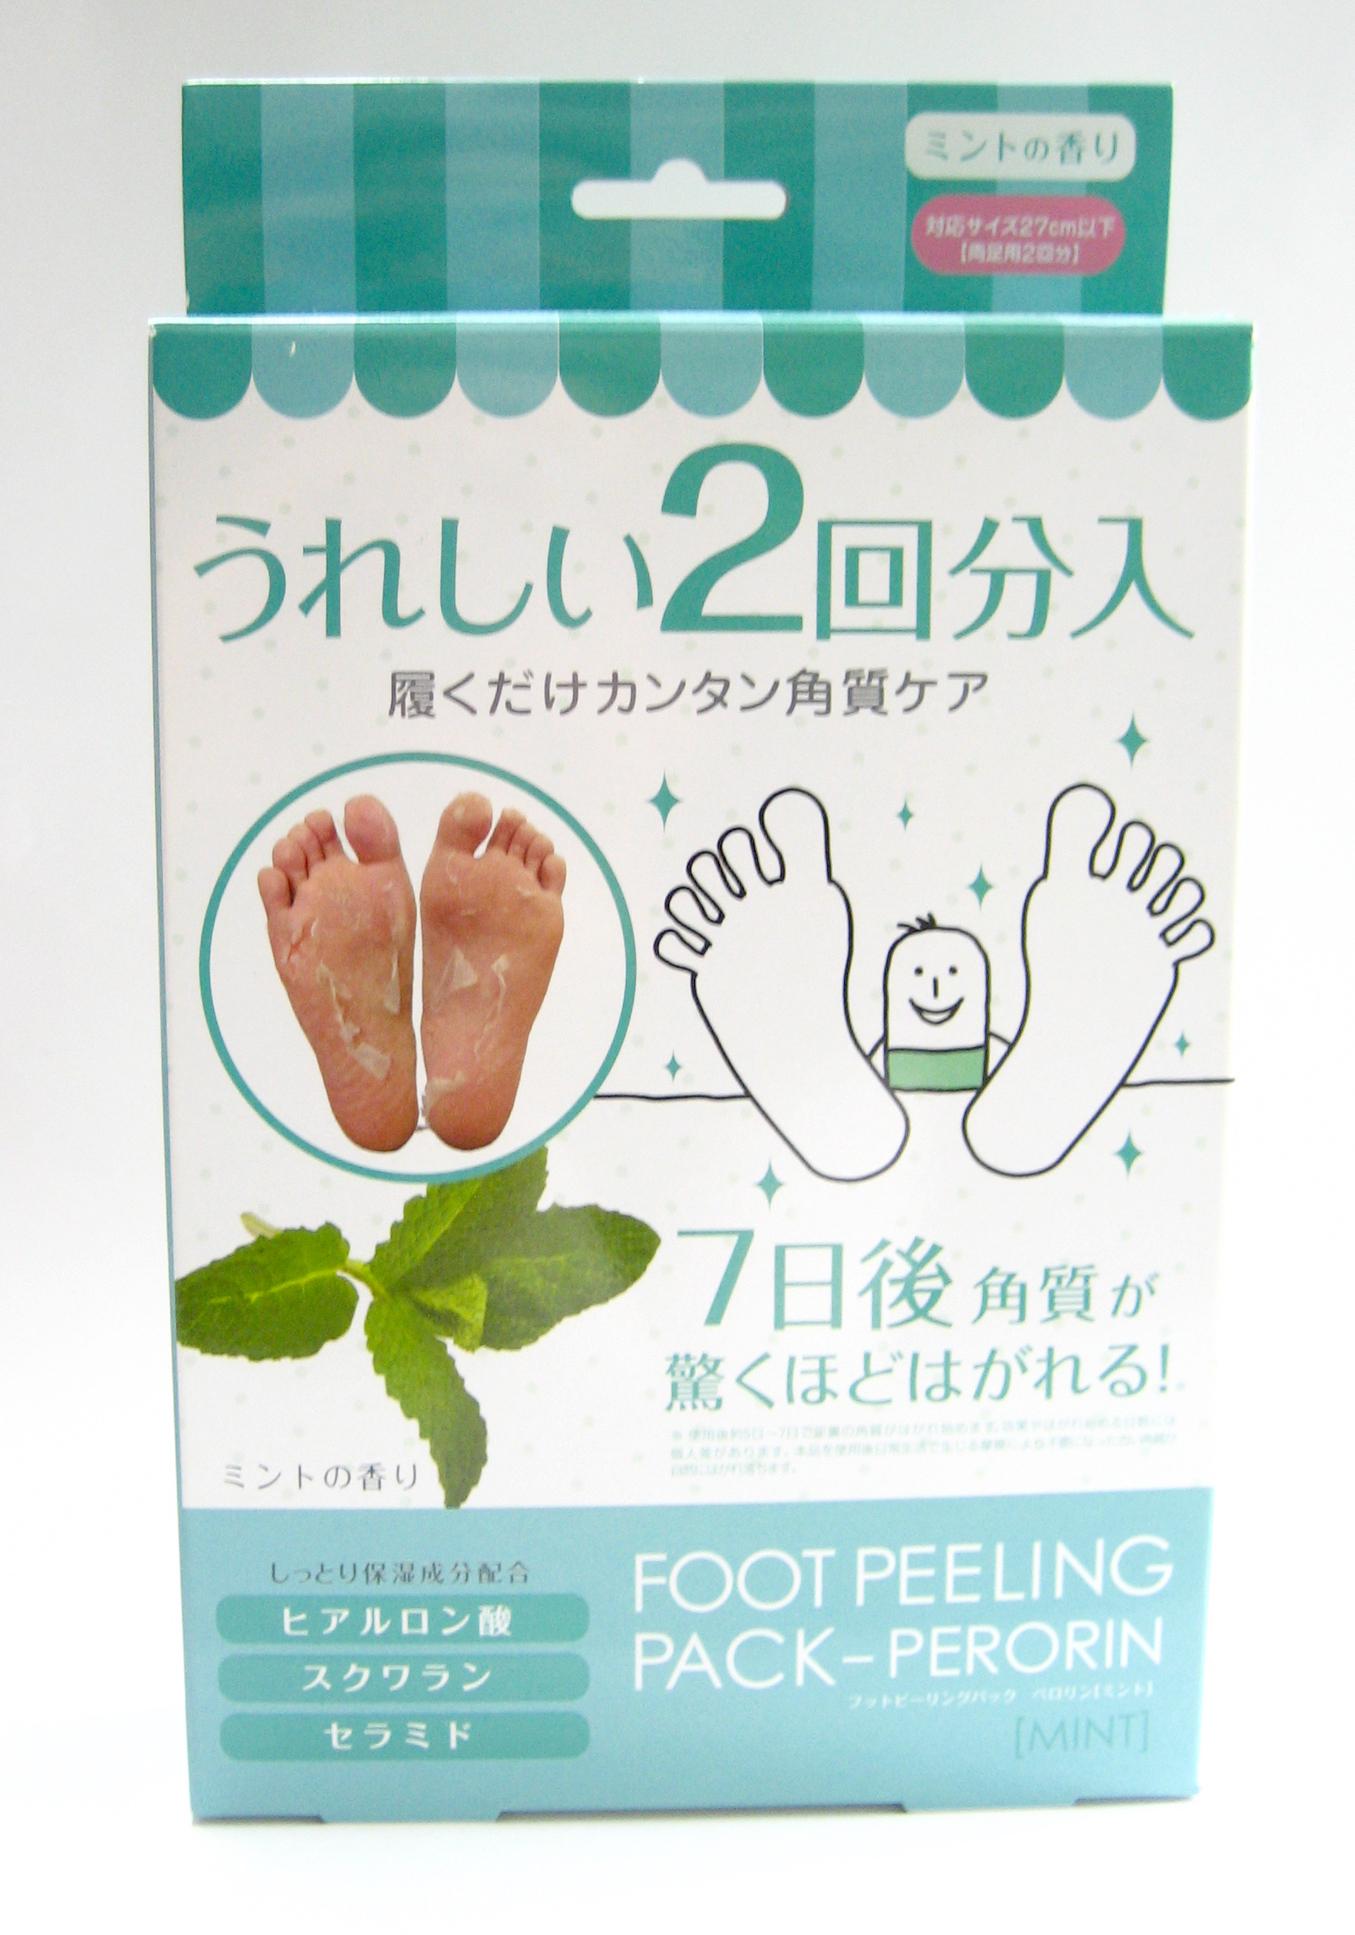 去角质脚膜 足部护理-0